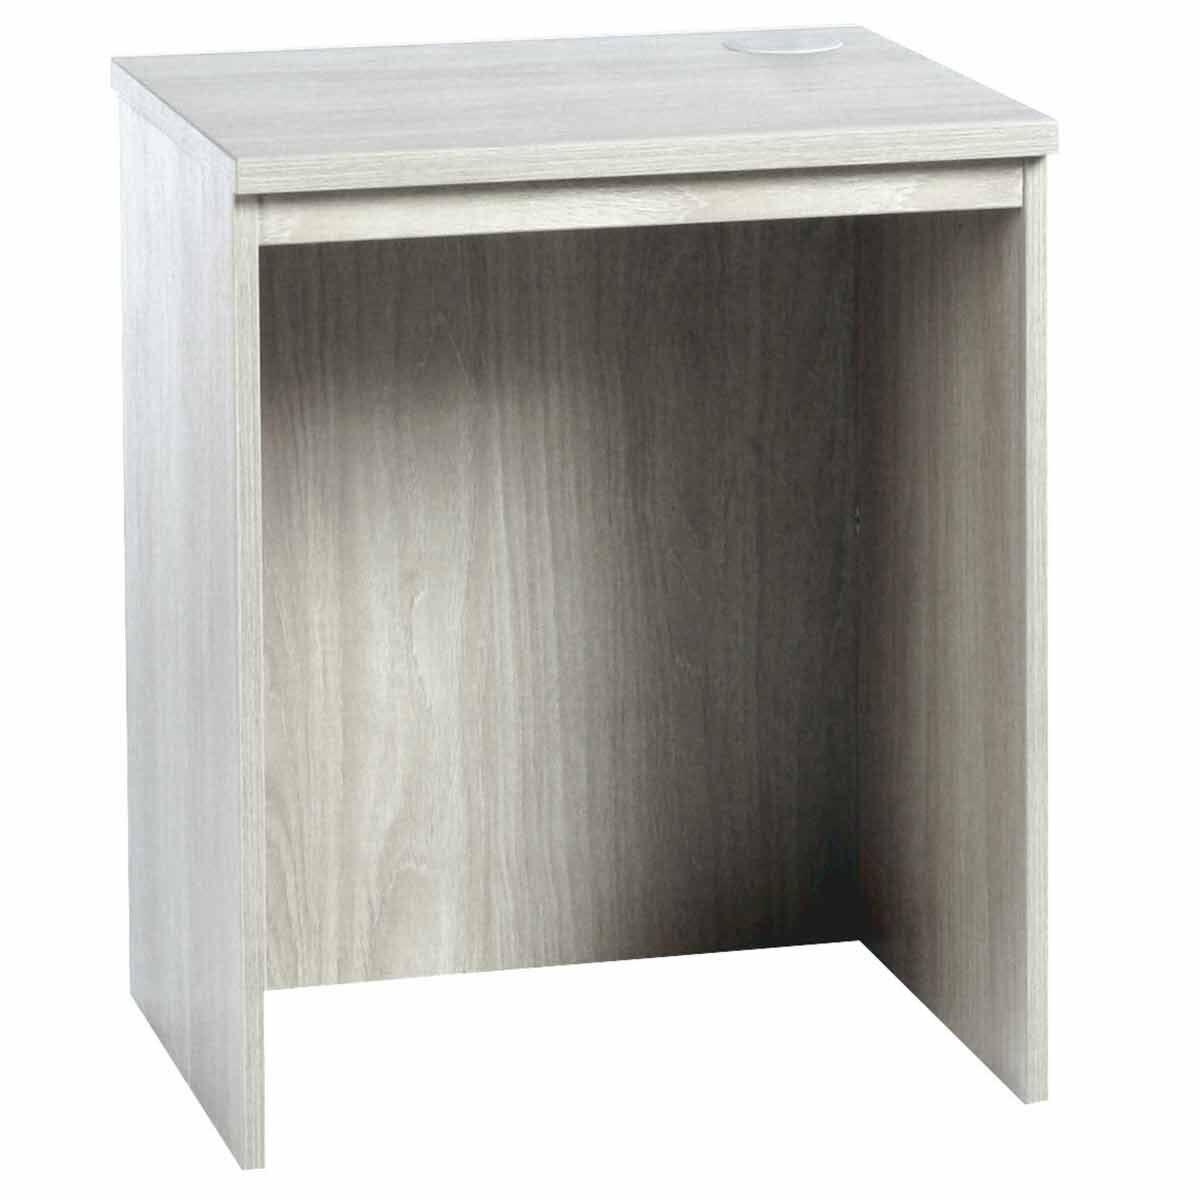 R White Base Level Desk B-DLK H728xW600xD540mm Grey Nebraska